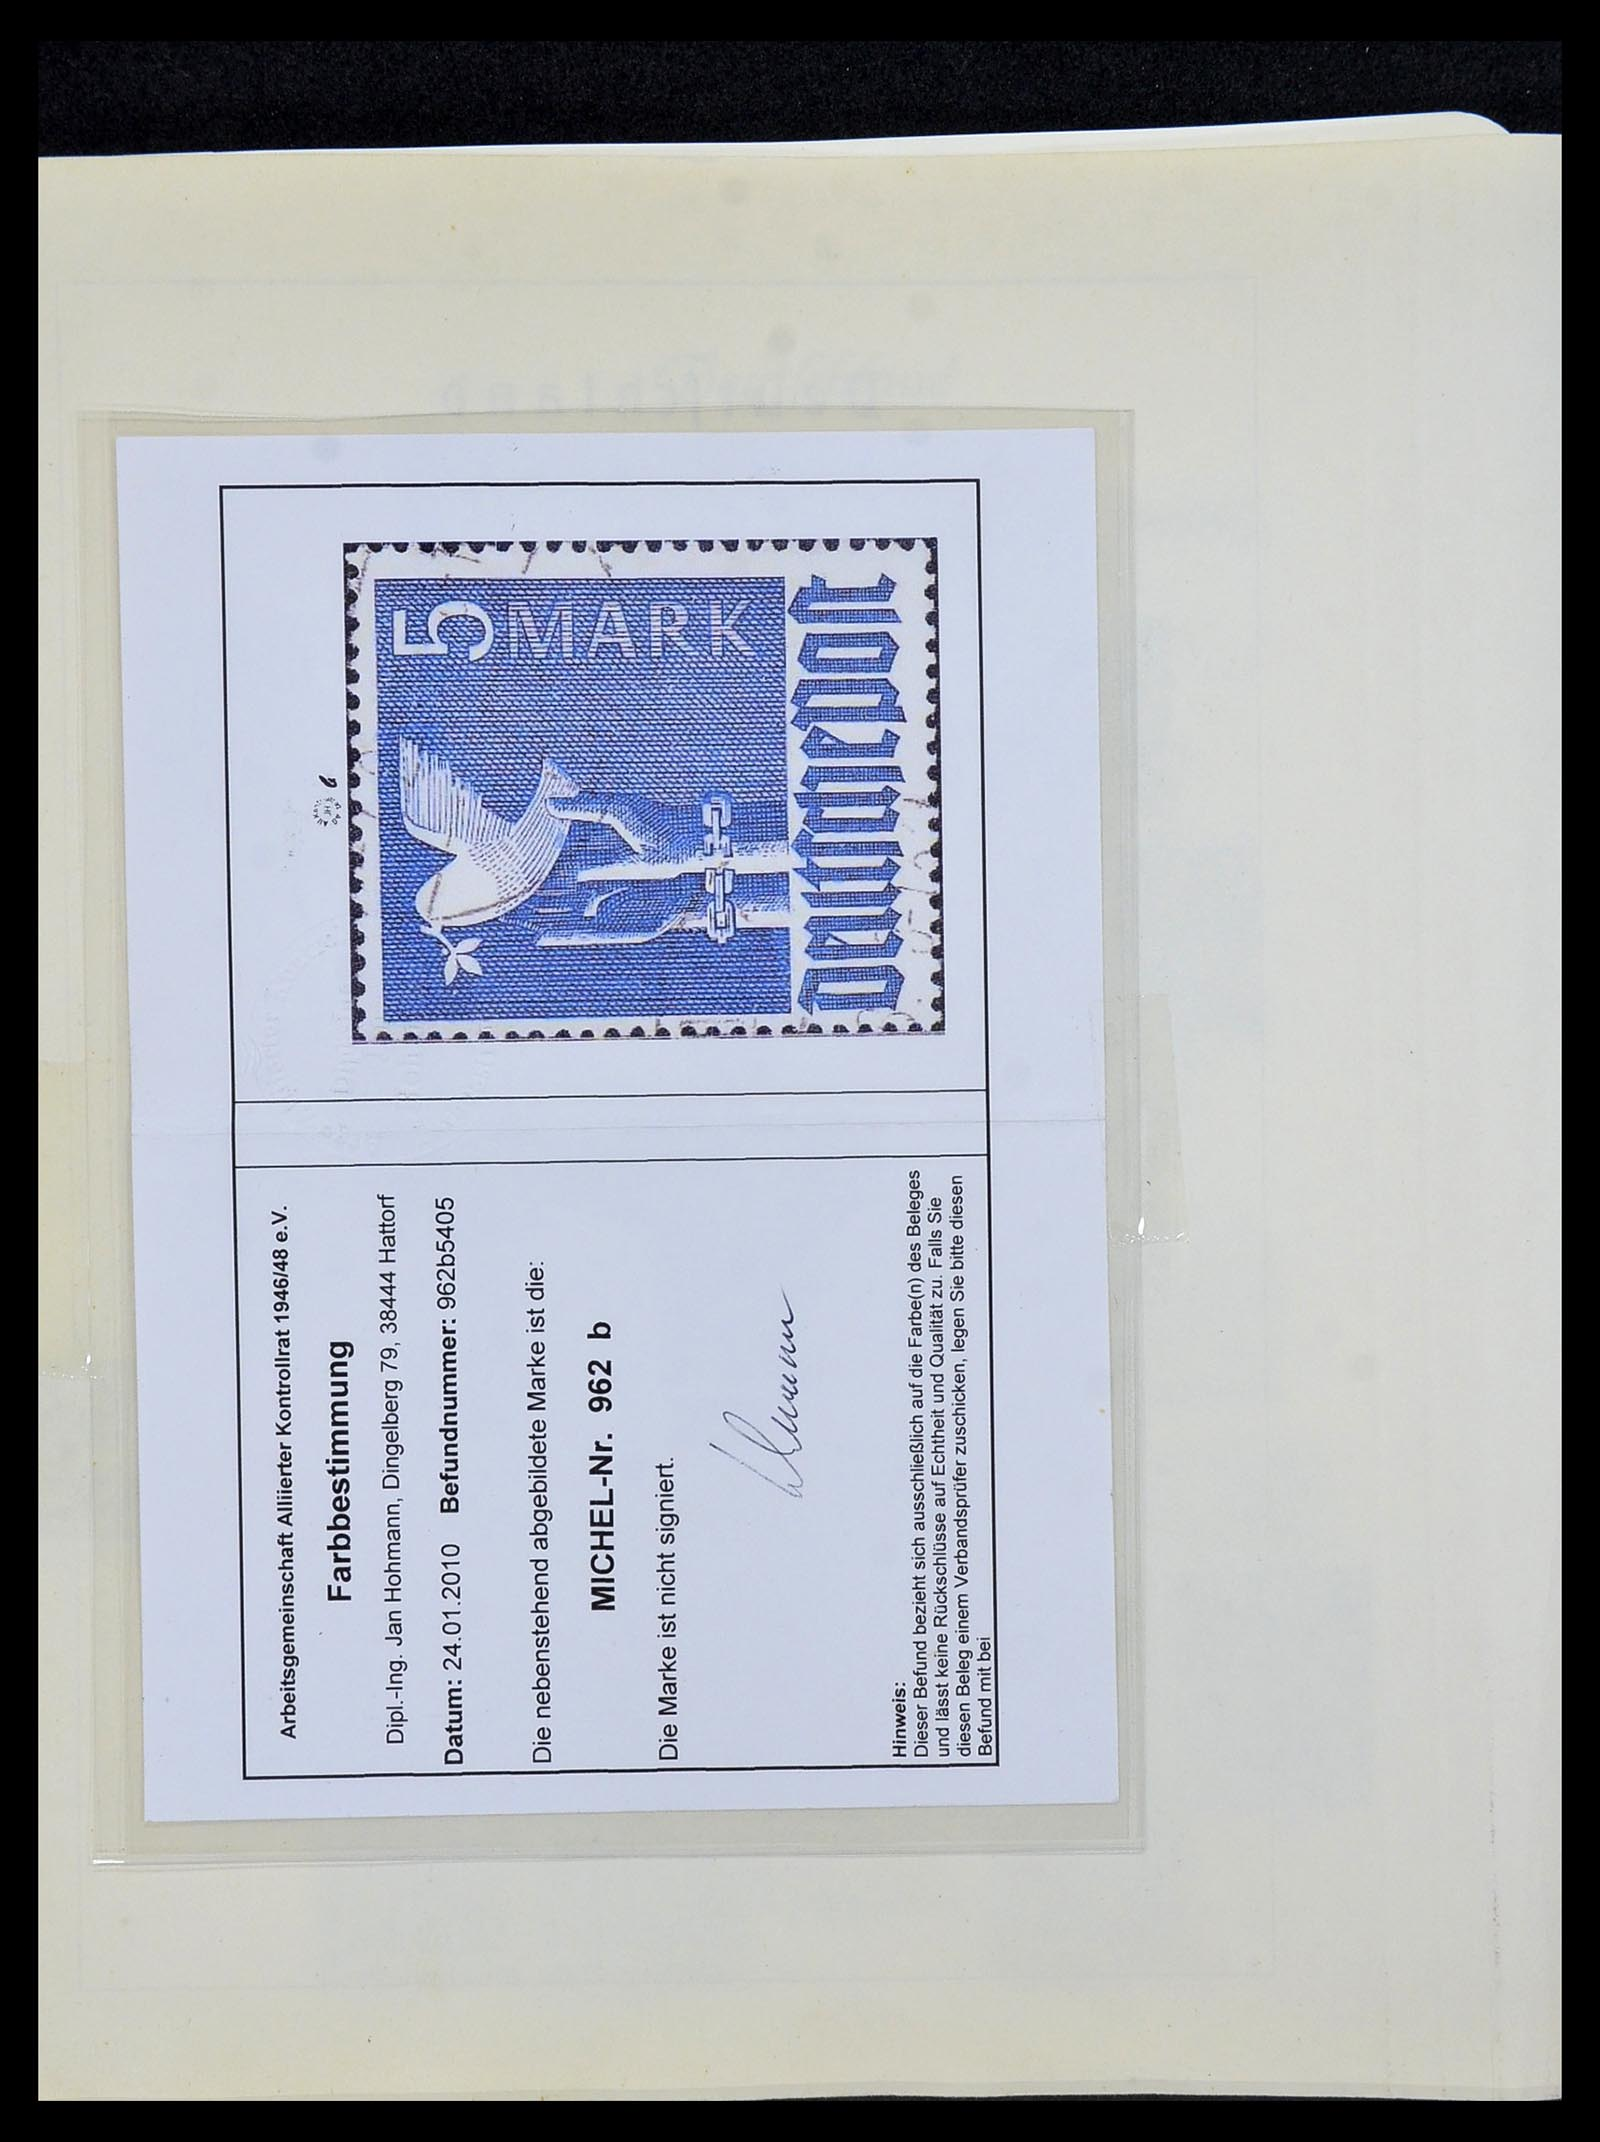 34152 010 - Postzegelverzameling 34152 Duitse Zones 1945-1949.